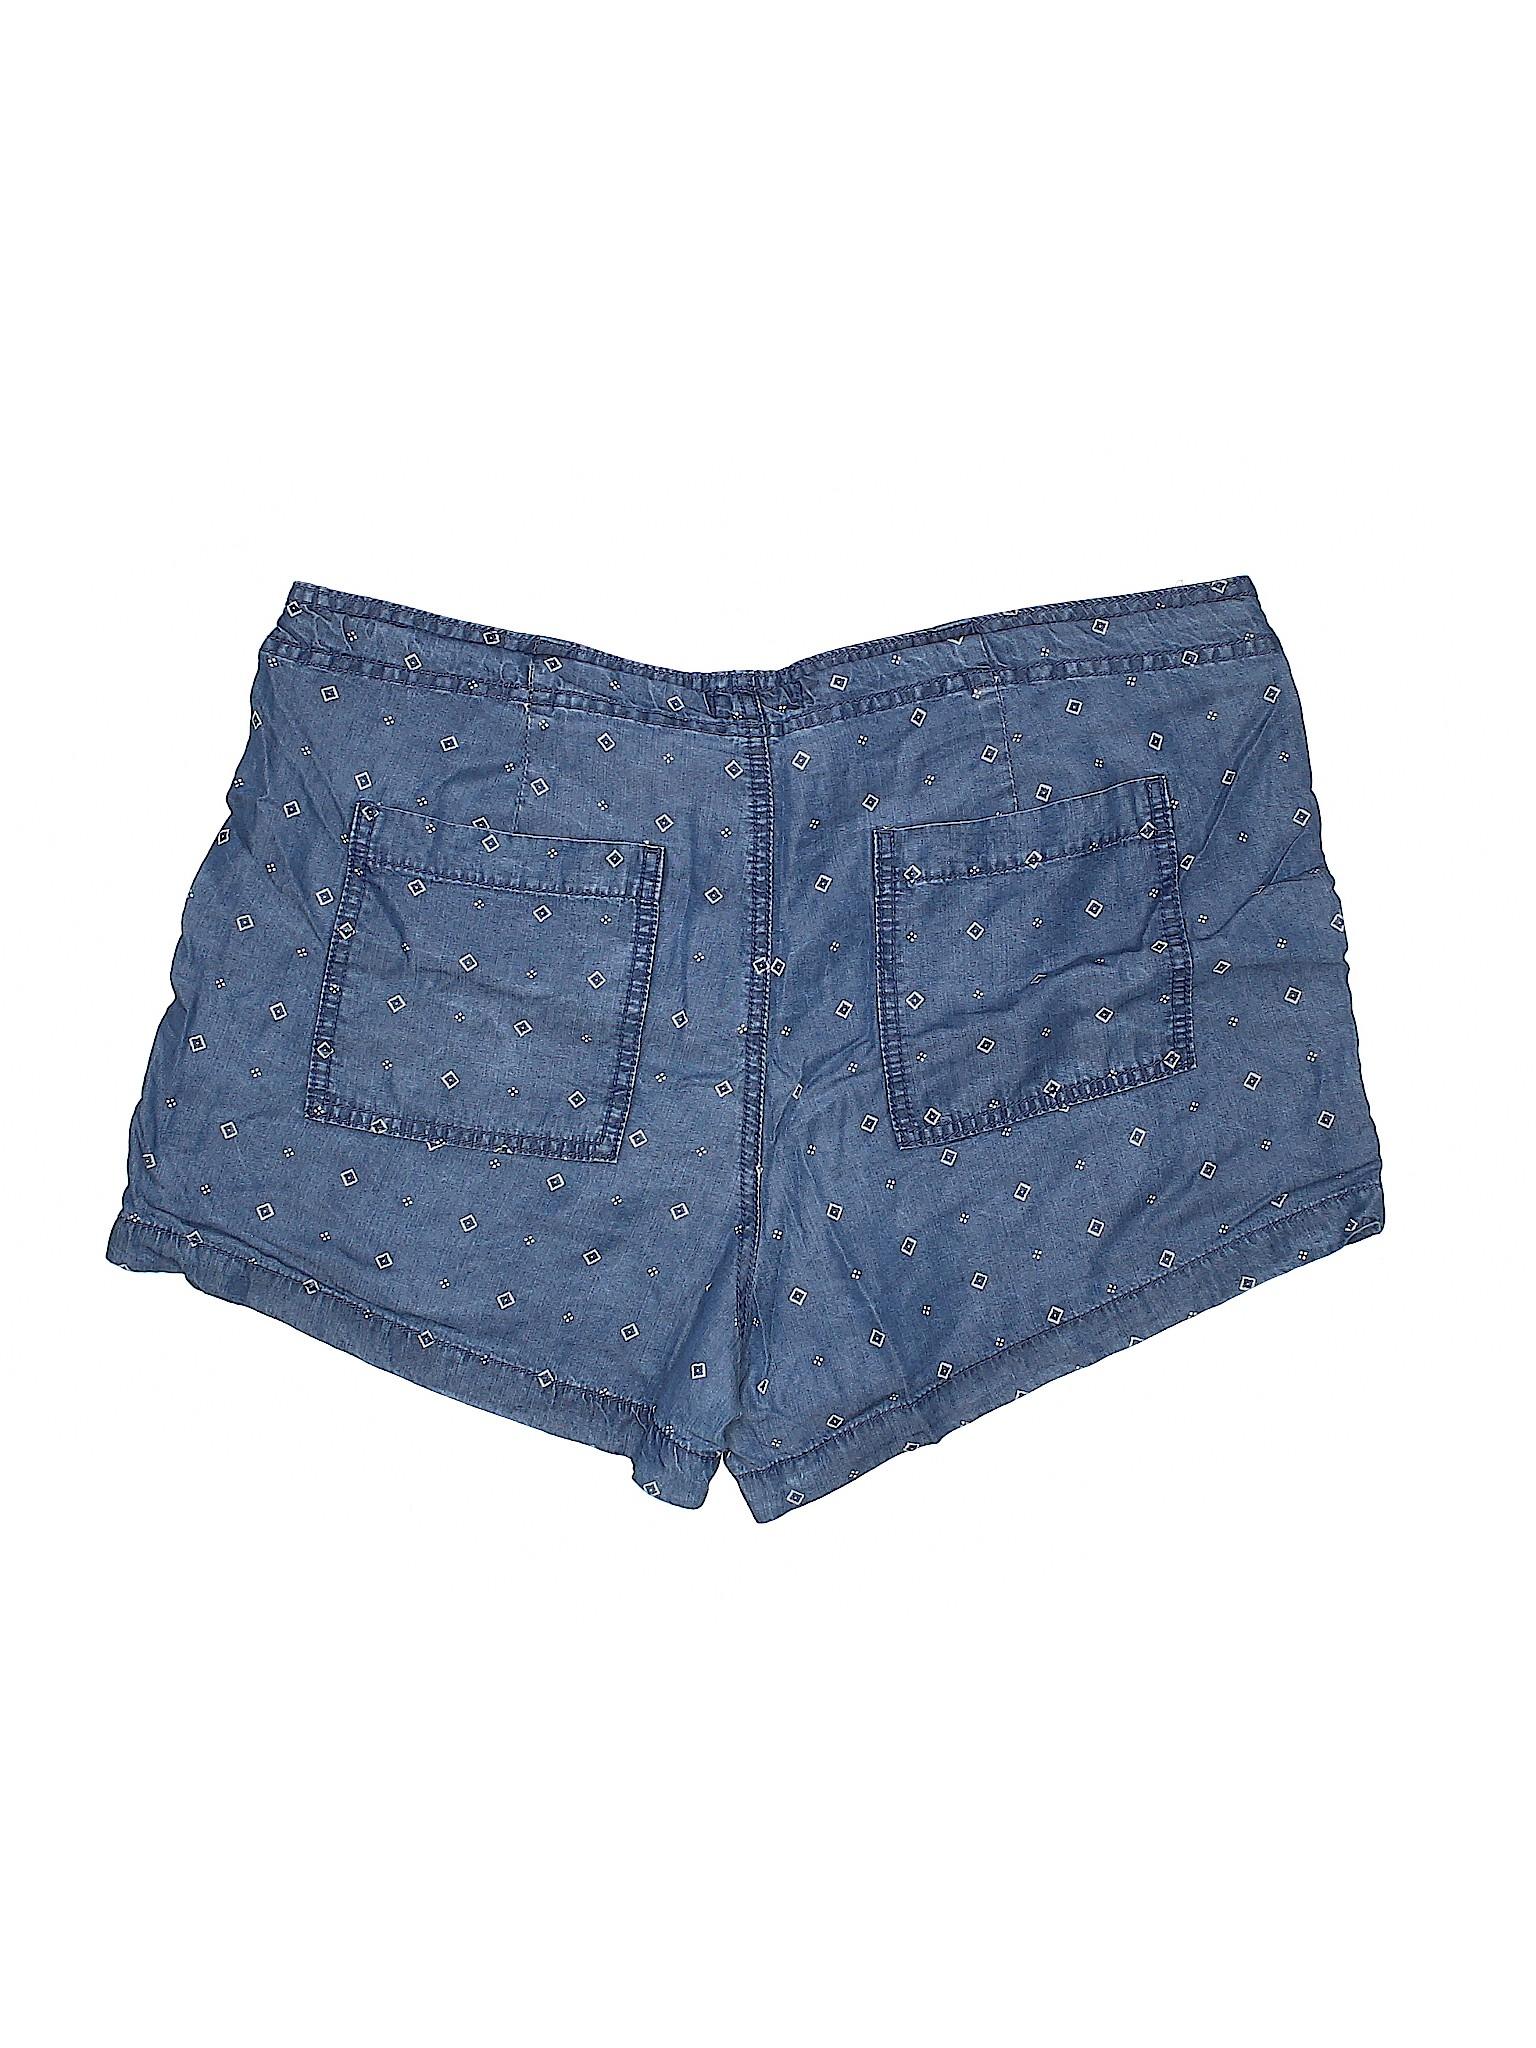 Boutique Gap Boutique Shorts Outlet Outlet Gap Outlet Shorts Outlet Shorts Gap Gap Boutique Boutique rAnarxUqwC